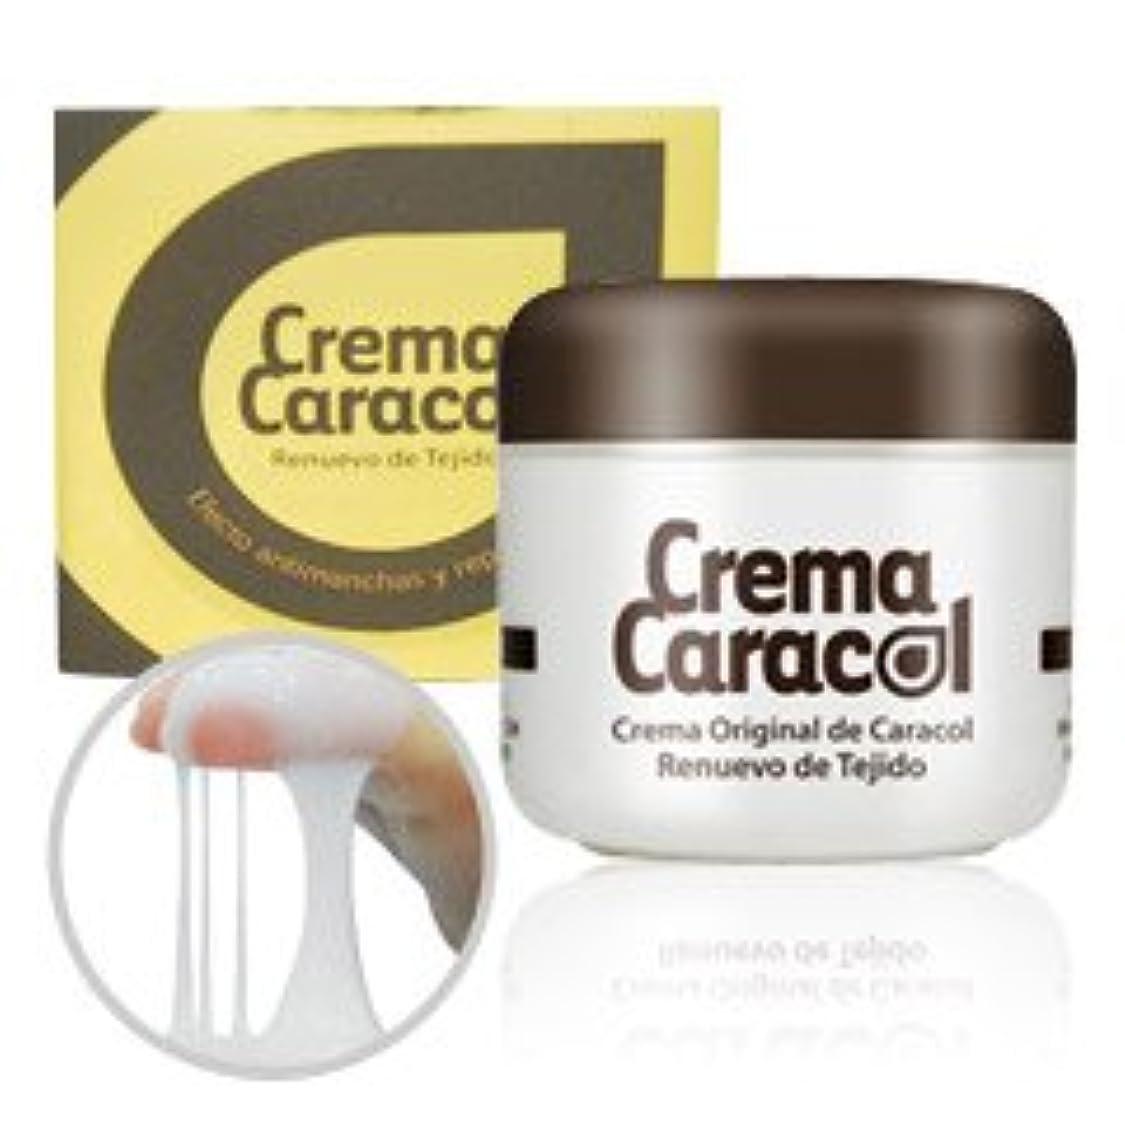 忠誠分配します触手crema caracol(カラコール) かたつむりクリーム 3個セット